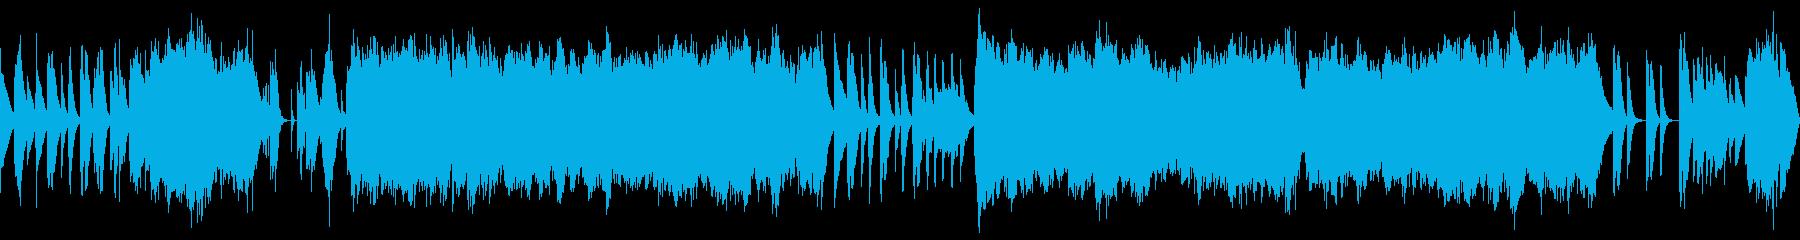 悲愴 第1楽章/ベートーベン・オルゴールの再生済みの波形